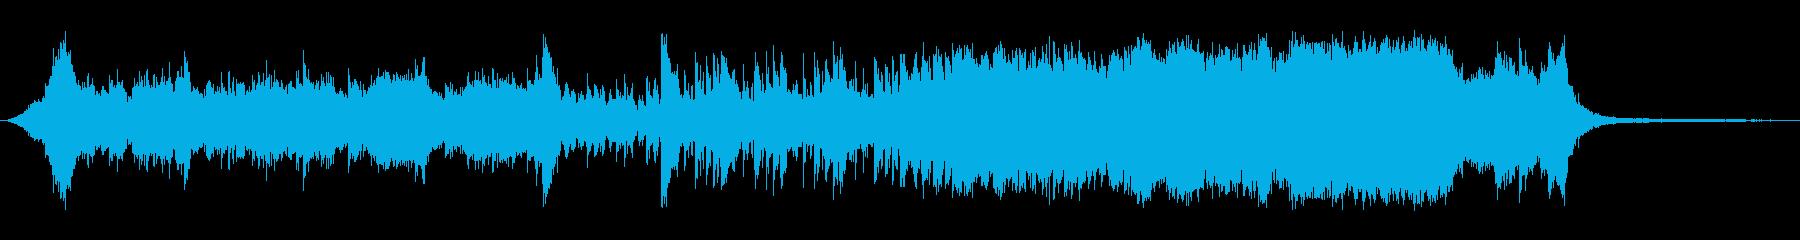 とにかくダークなオーケストラの曲の再生済みの波形